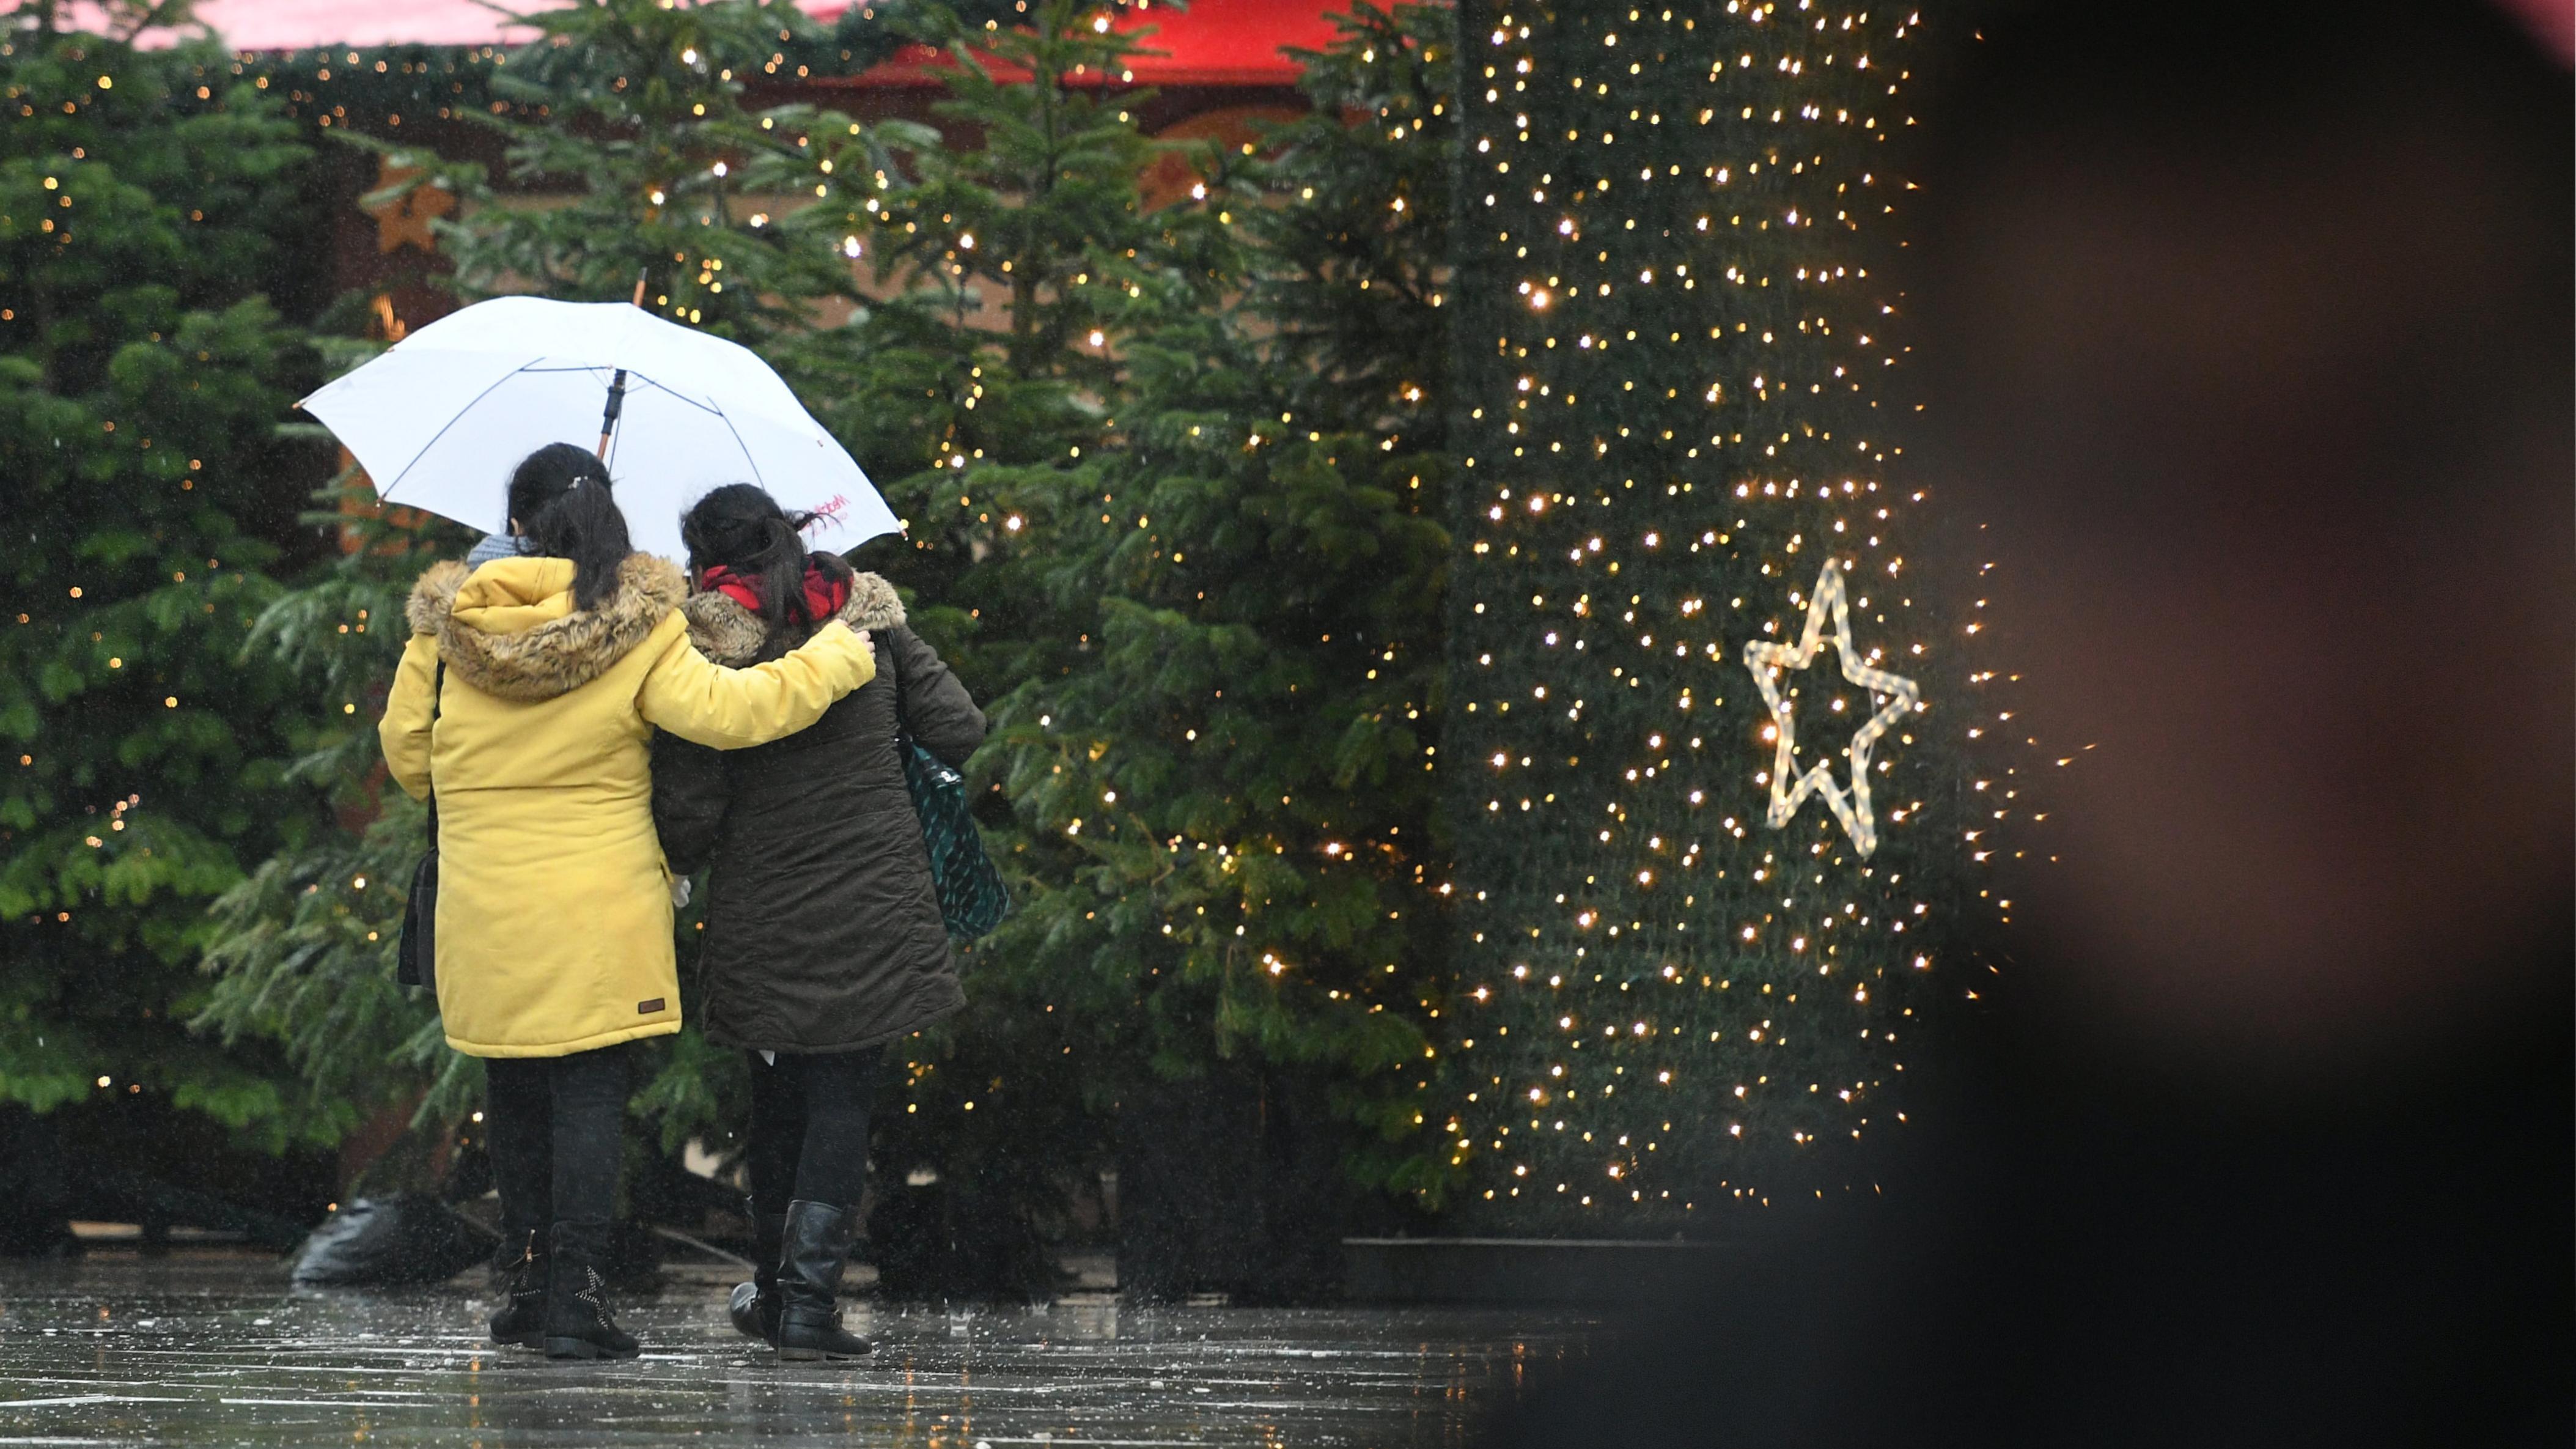 Besucher gehen auf dem Weihnachtsmarkt